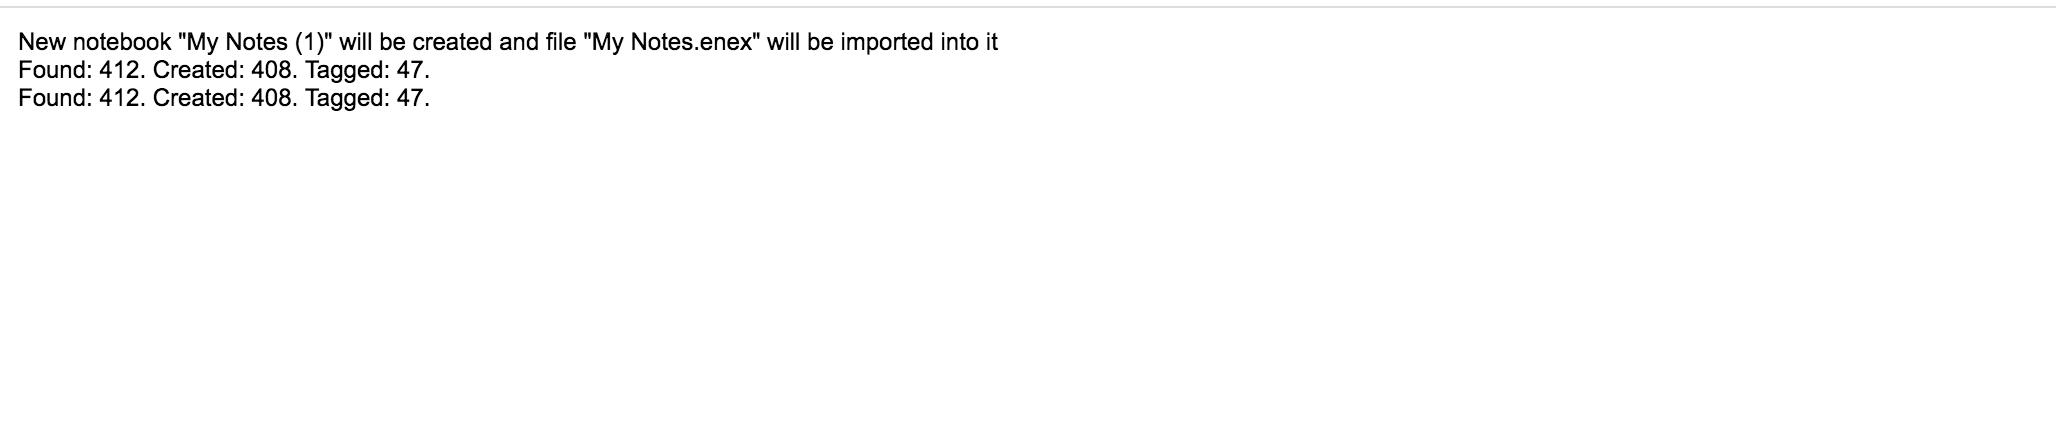 joplin-import